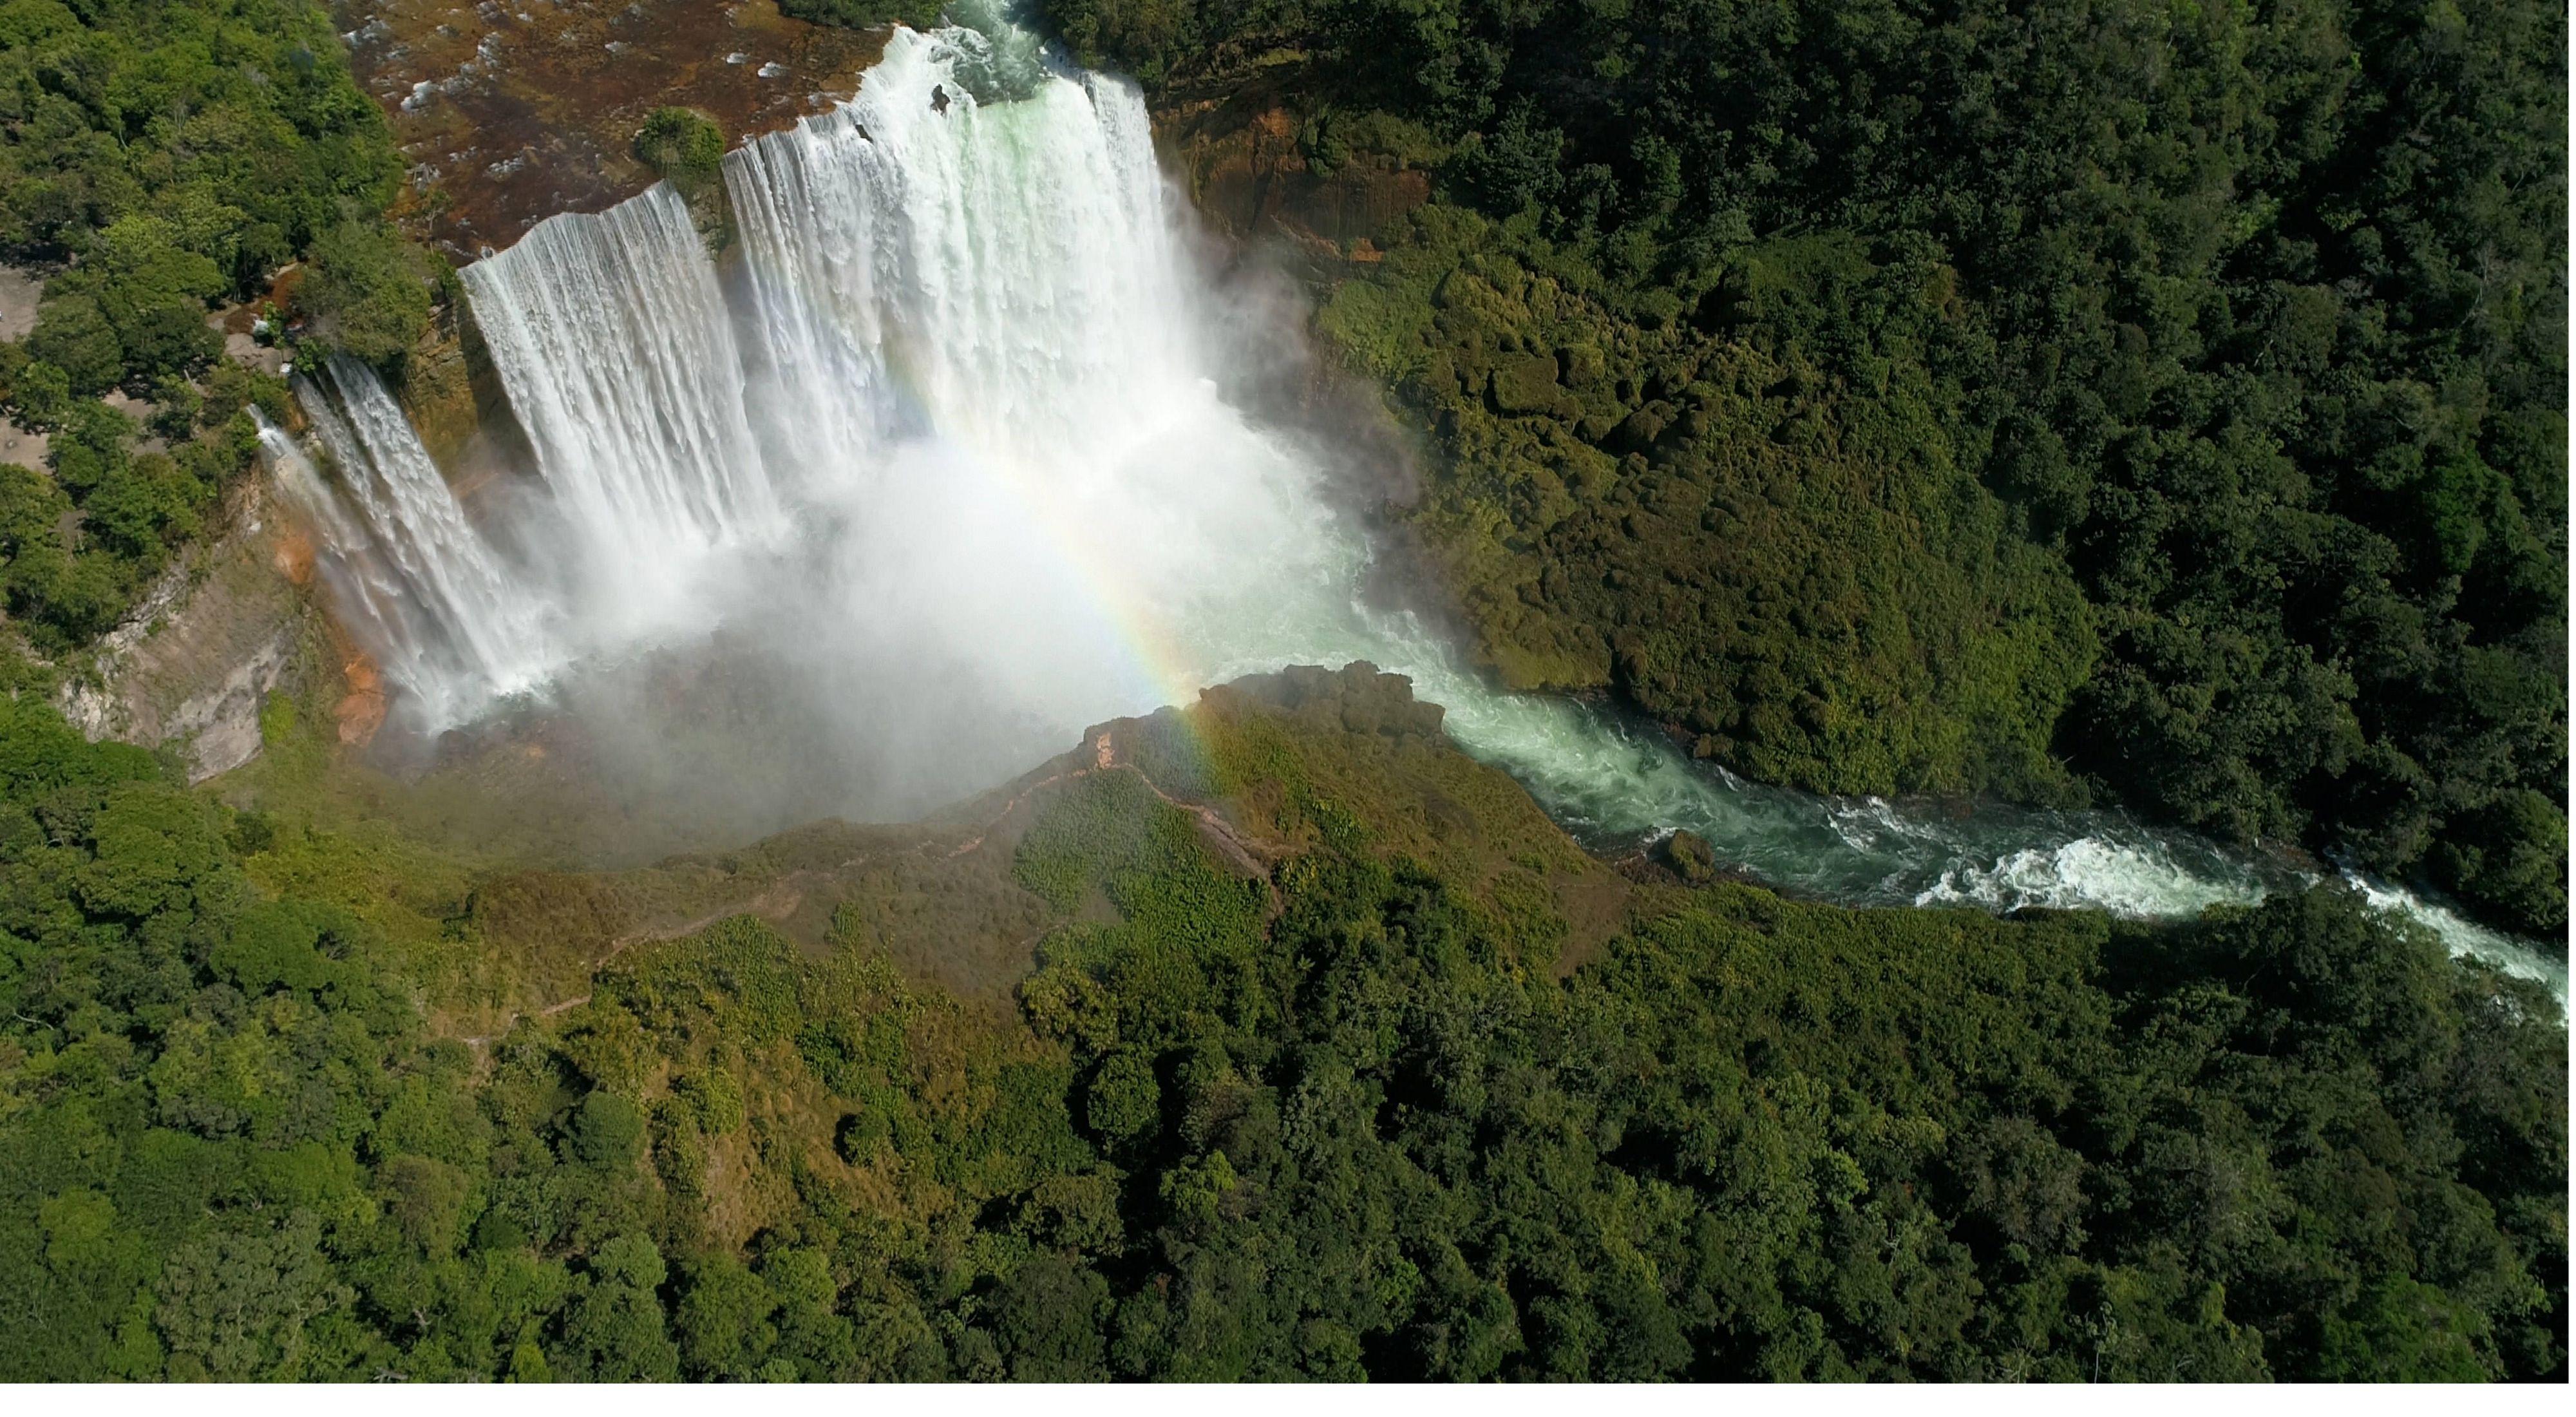 Cachoeira de Salto Augusto no Rio Juruena